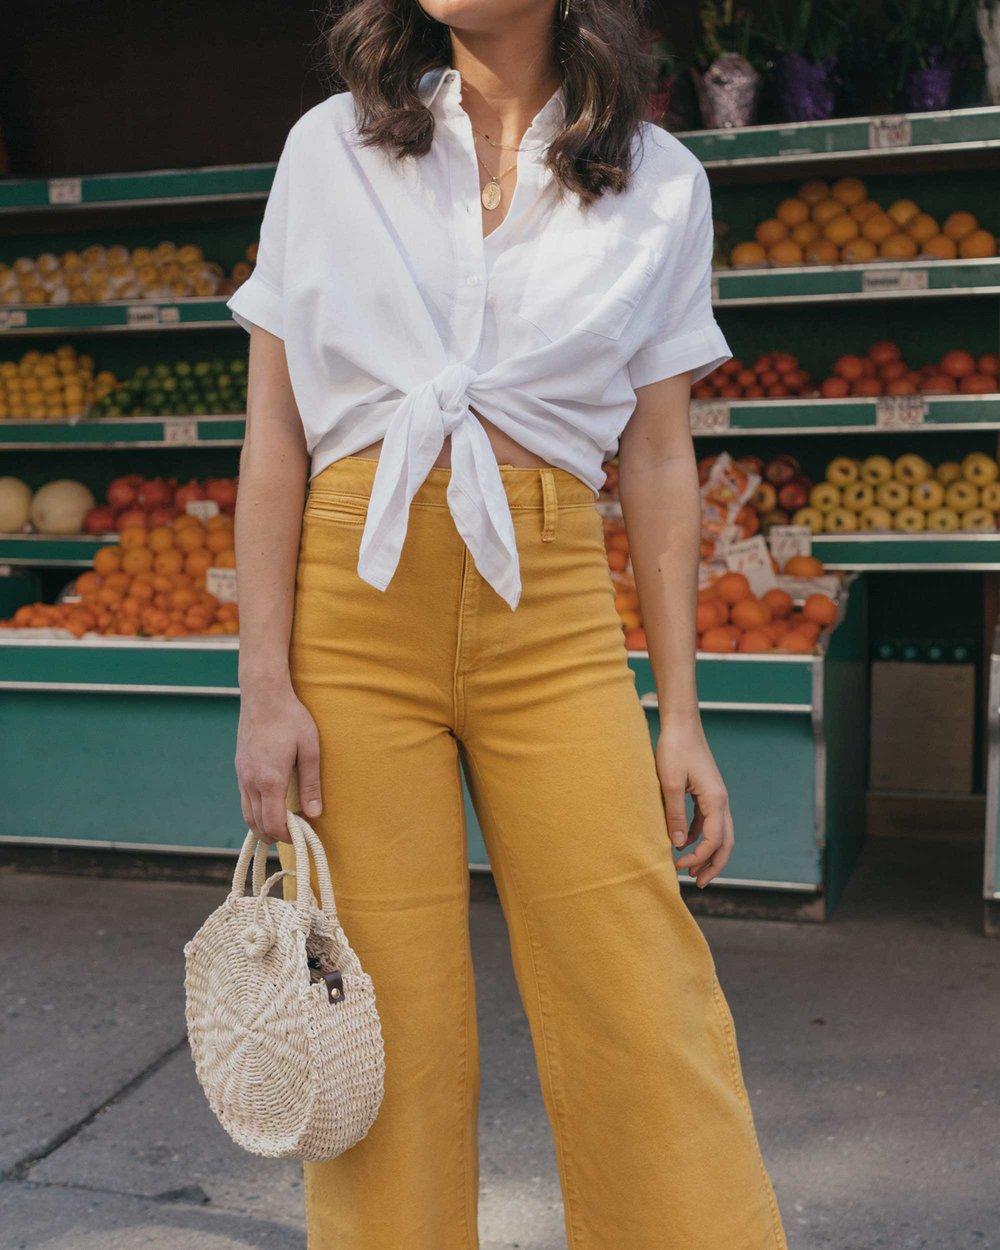 Madewell emmett wide-leg crop pants Round Woven Bag short-sleeve tie-front shirt summer outfit fruit stand new york3.jpg